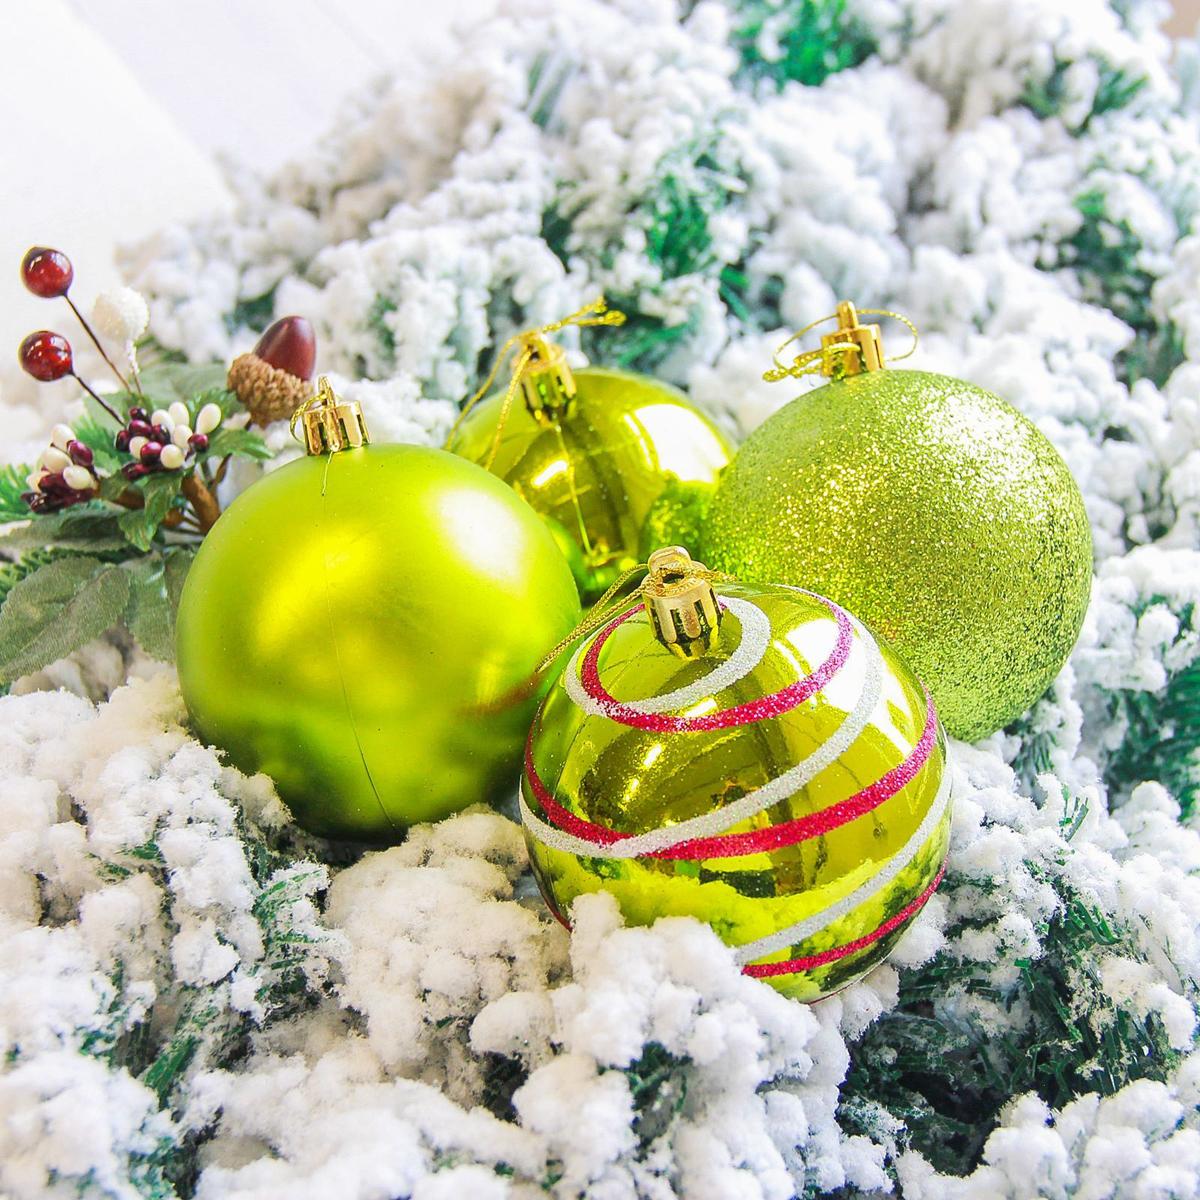 Набор новогодних подвесных украшений Sima-land Орион, цвет: зеленый, диаметр 8 см, 6 шт2178283Набор новогодних подвесных украшений Sima-land отлично подойдет для декорации вашего дома и новогодней ели. С помощью специальной петельки украшение можно повесить в любом понравившемся вам месте. Но, конечно, удачнее всего оно будет смотреться на праздничной елке. Елочная игрушка - символ Нового года. Она несет в себе волшебство и красоту праздника. Создайте в своем доме атмосферу веселья и радости, украшая новогоднюю елку нарядными игрушками, которые будут из года в год накапливать теплоту воспоминаний.